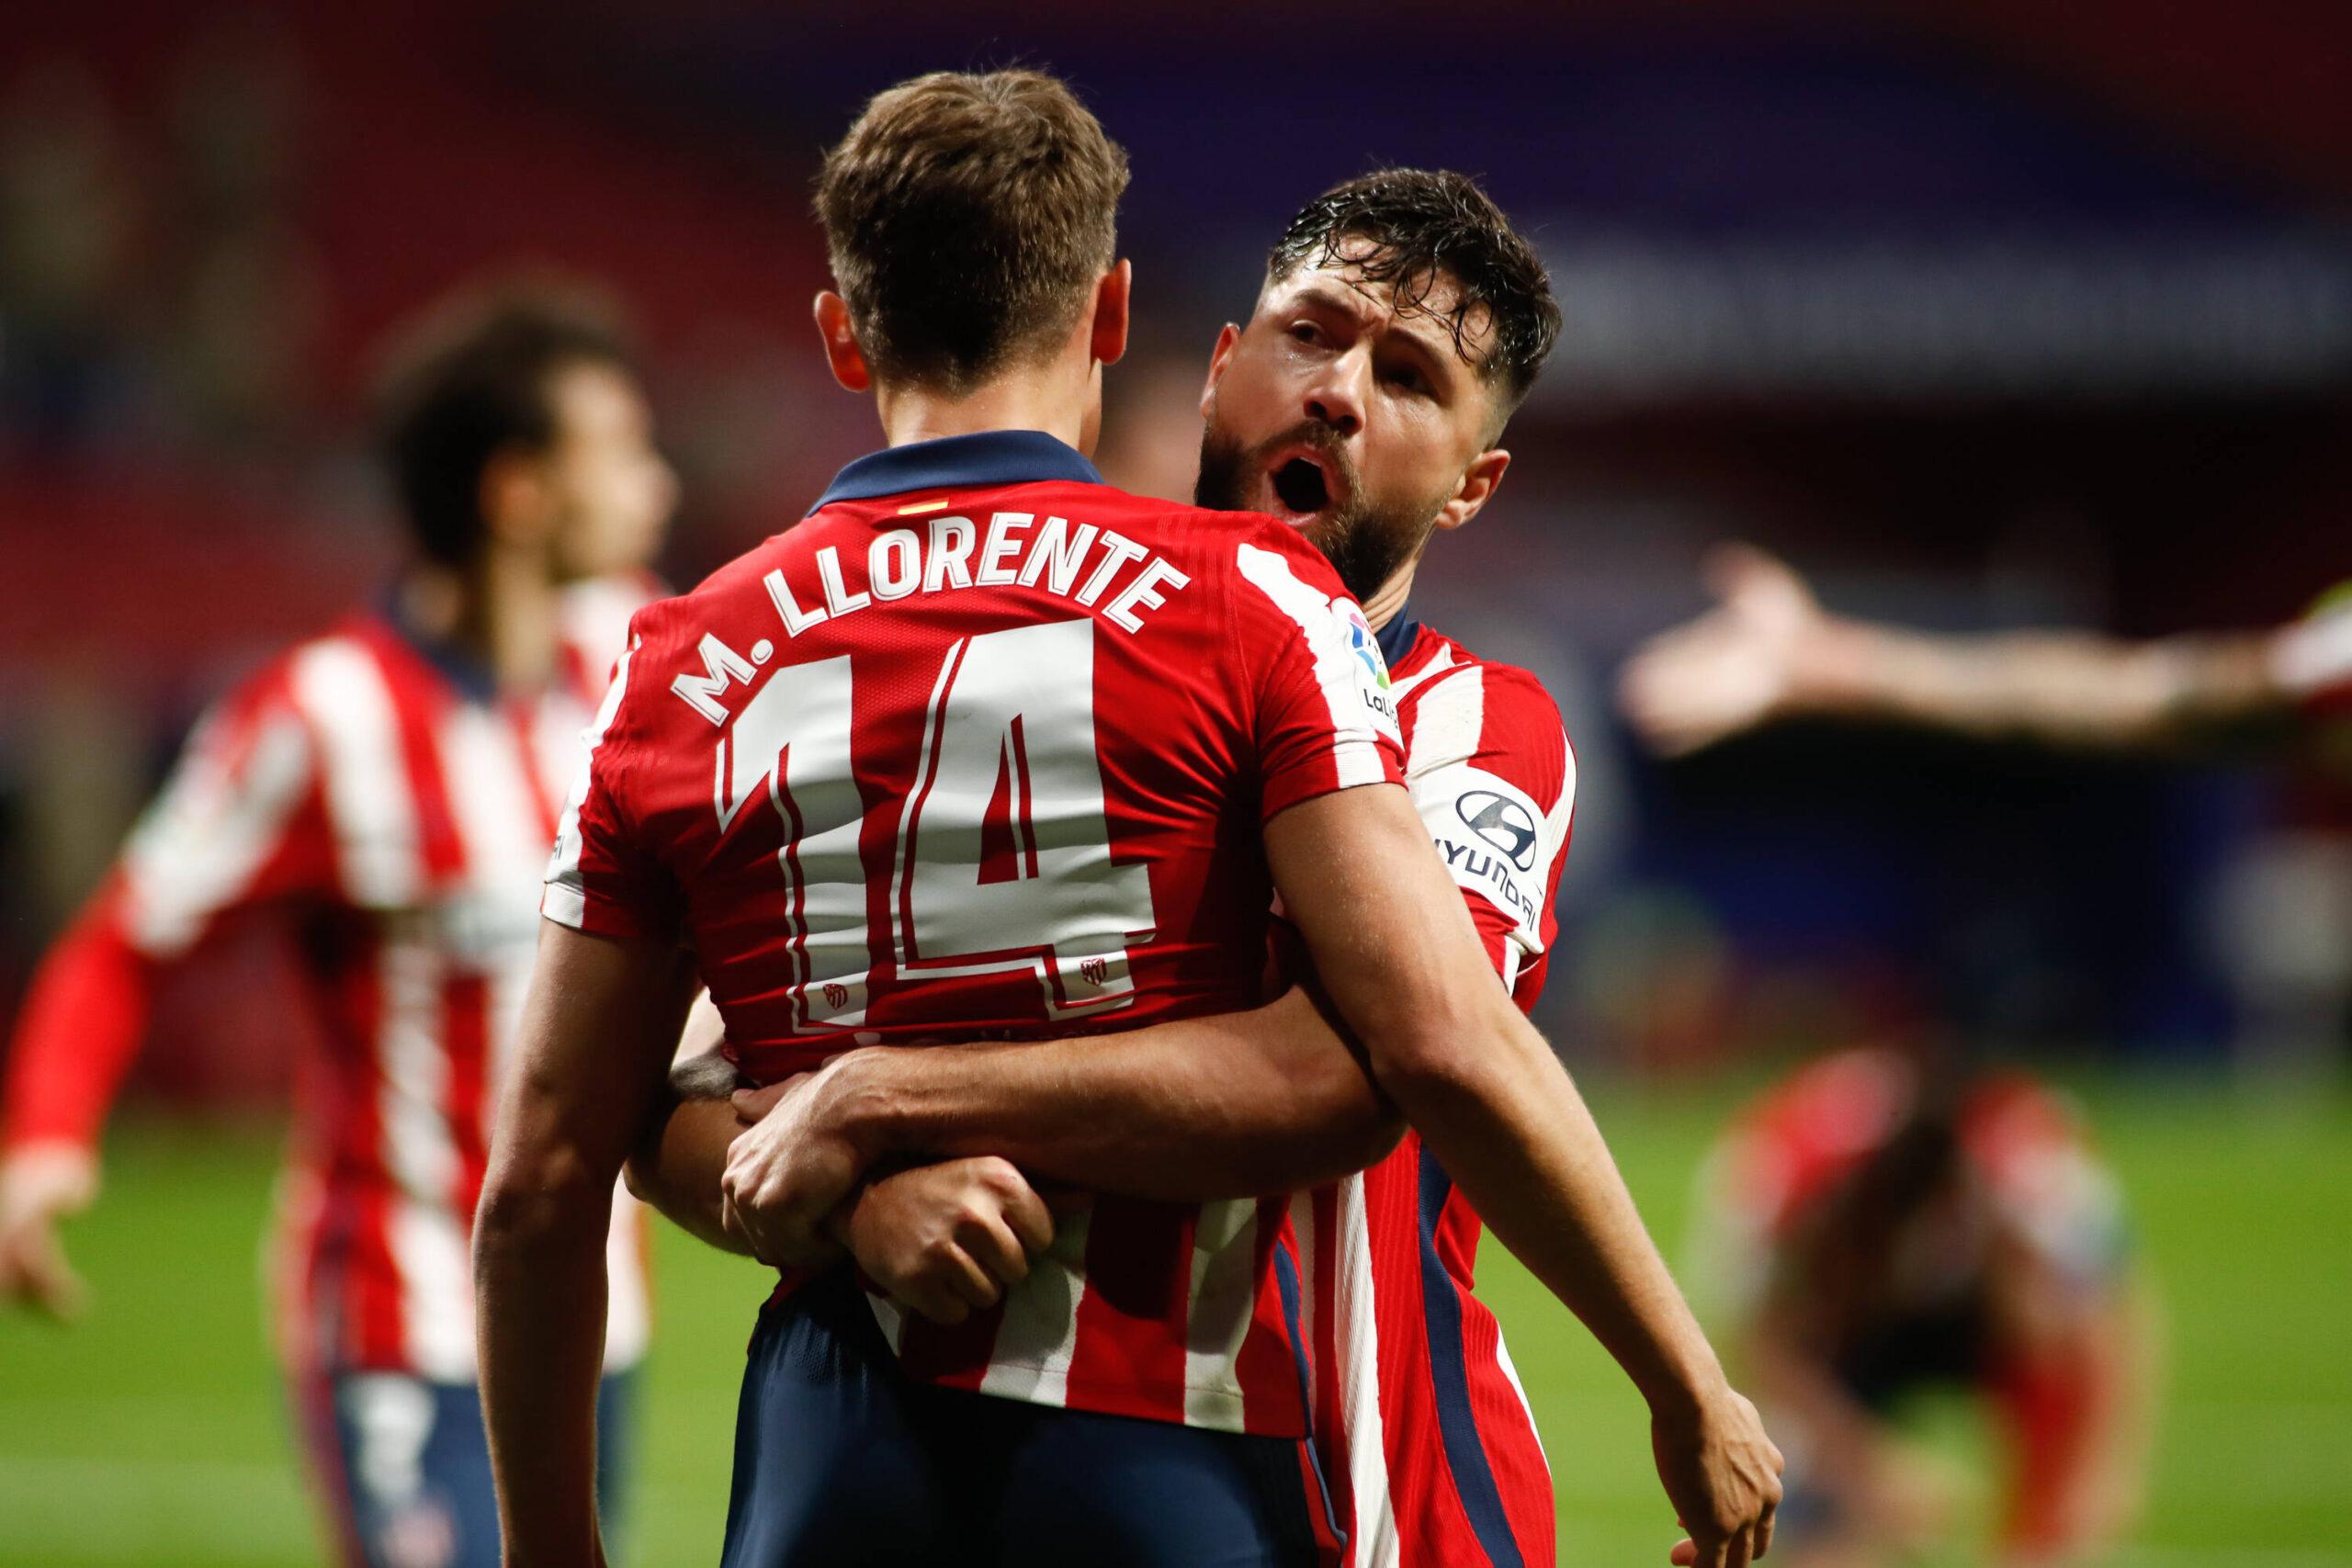 VIDEO: Así narraron el gol de Llorente en la radio 1